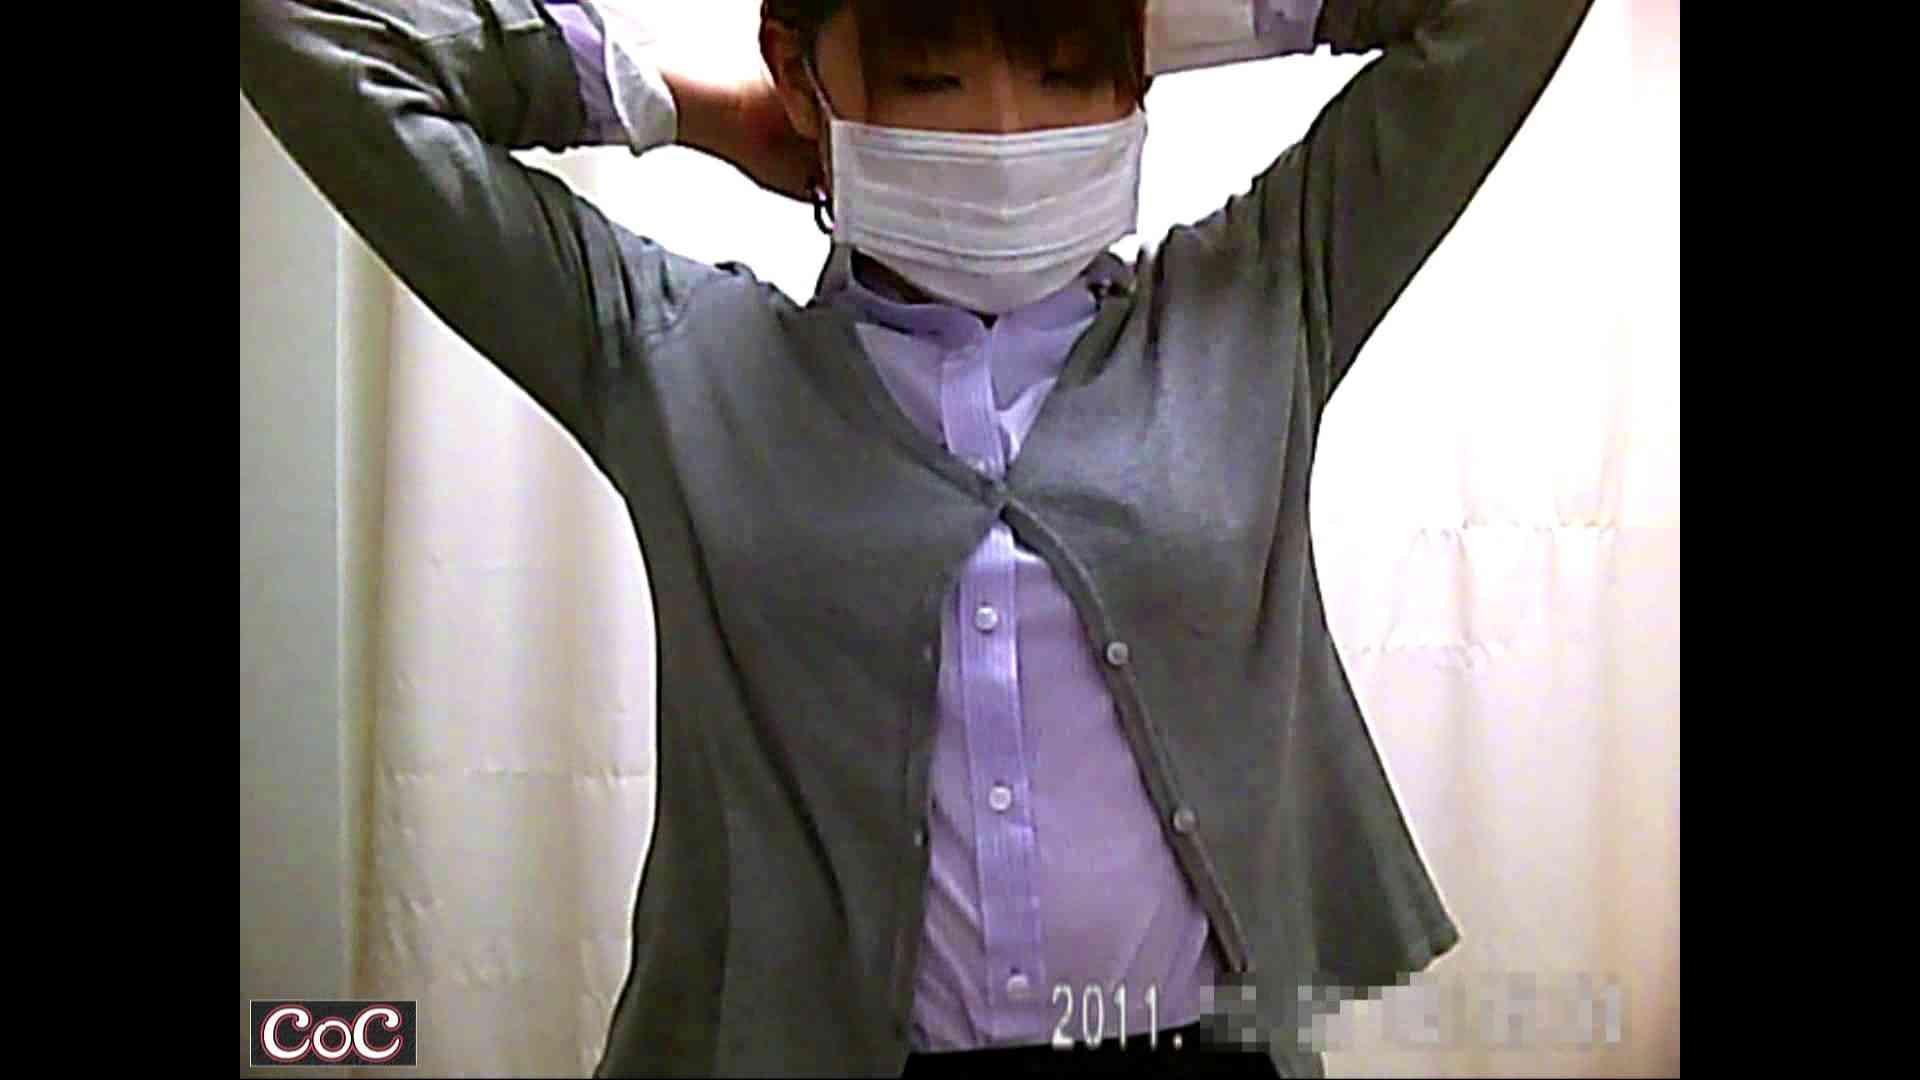 病院おもいっきり着替え! vol.48 貧乳 のぞき動画画像 90pic 55